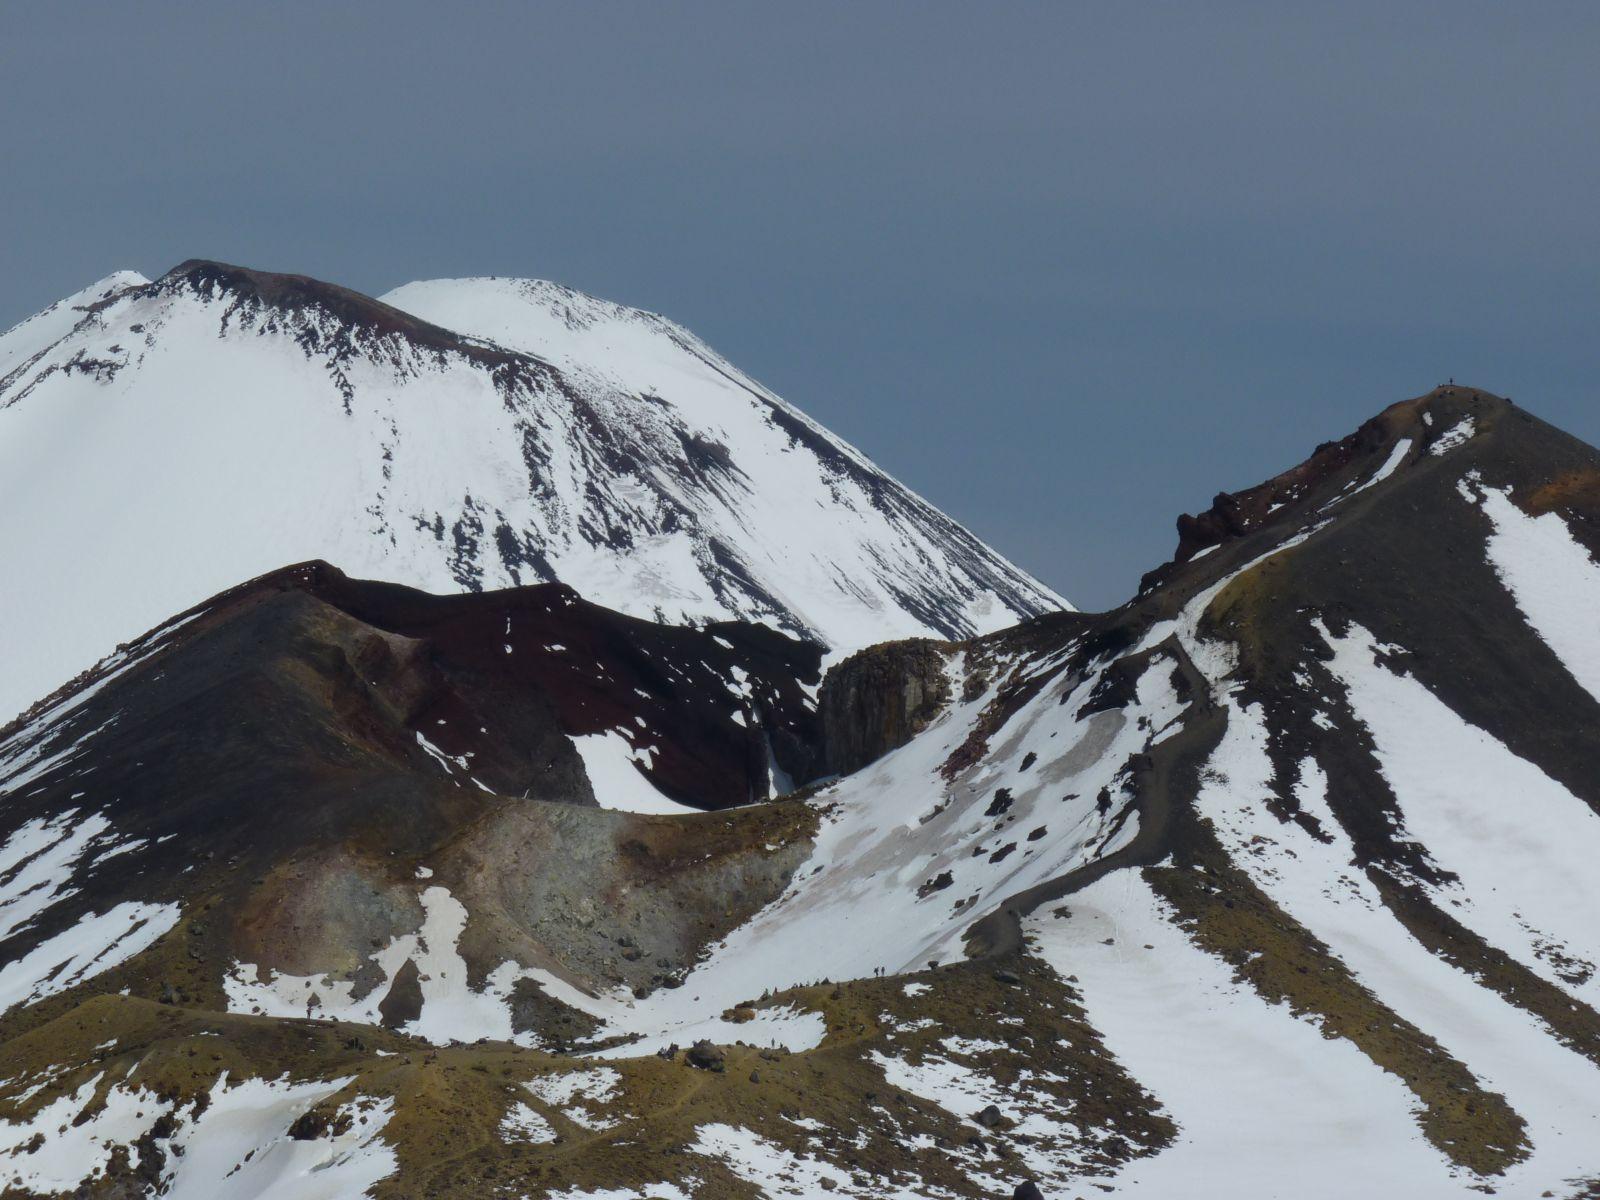 tongariro-alpine-crossing-38